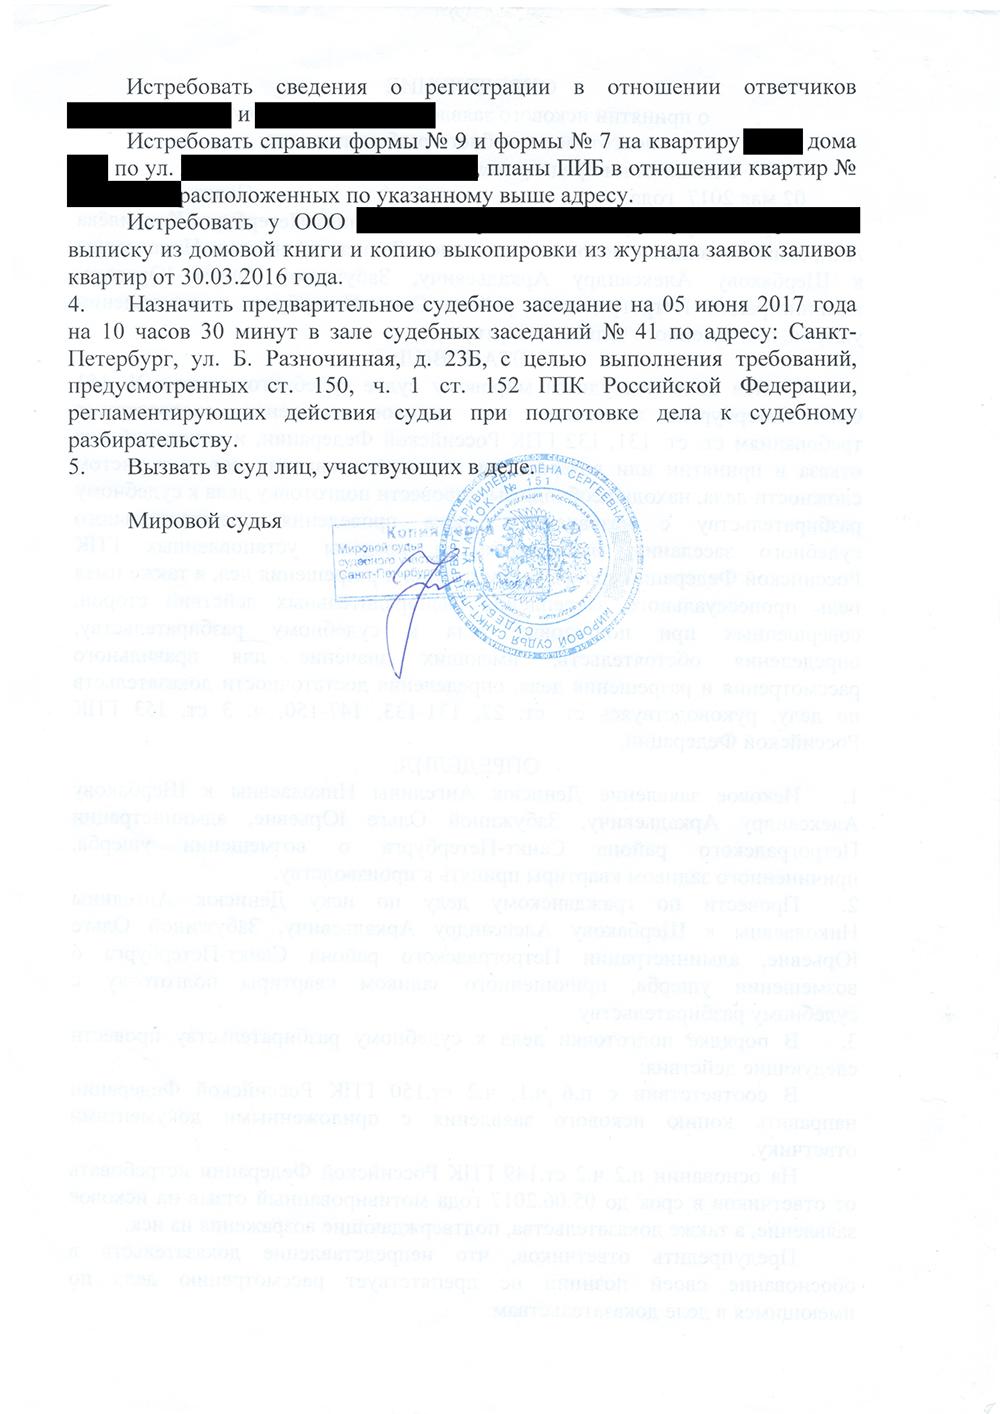 Определение о назначении судебного заседания